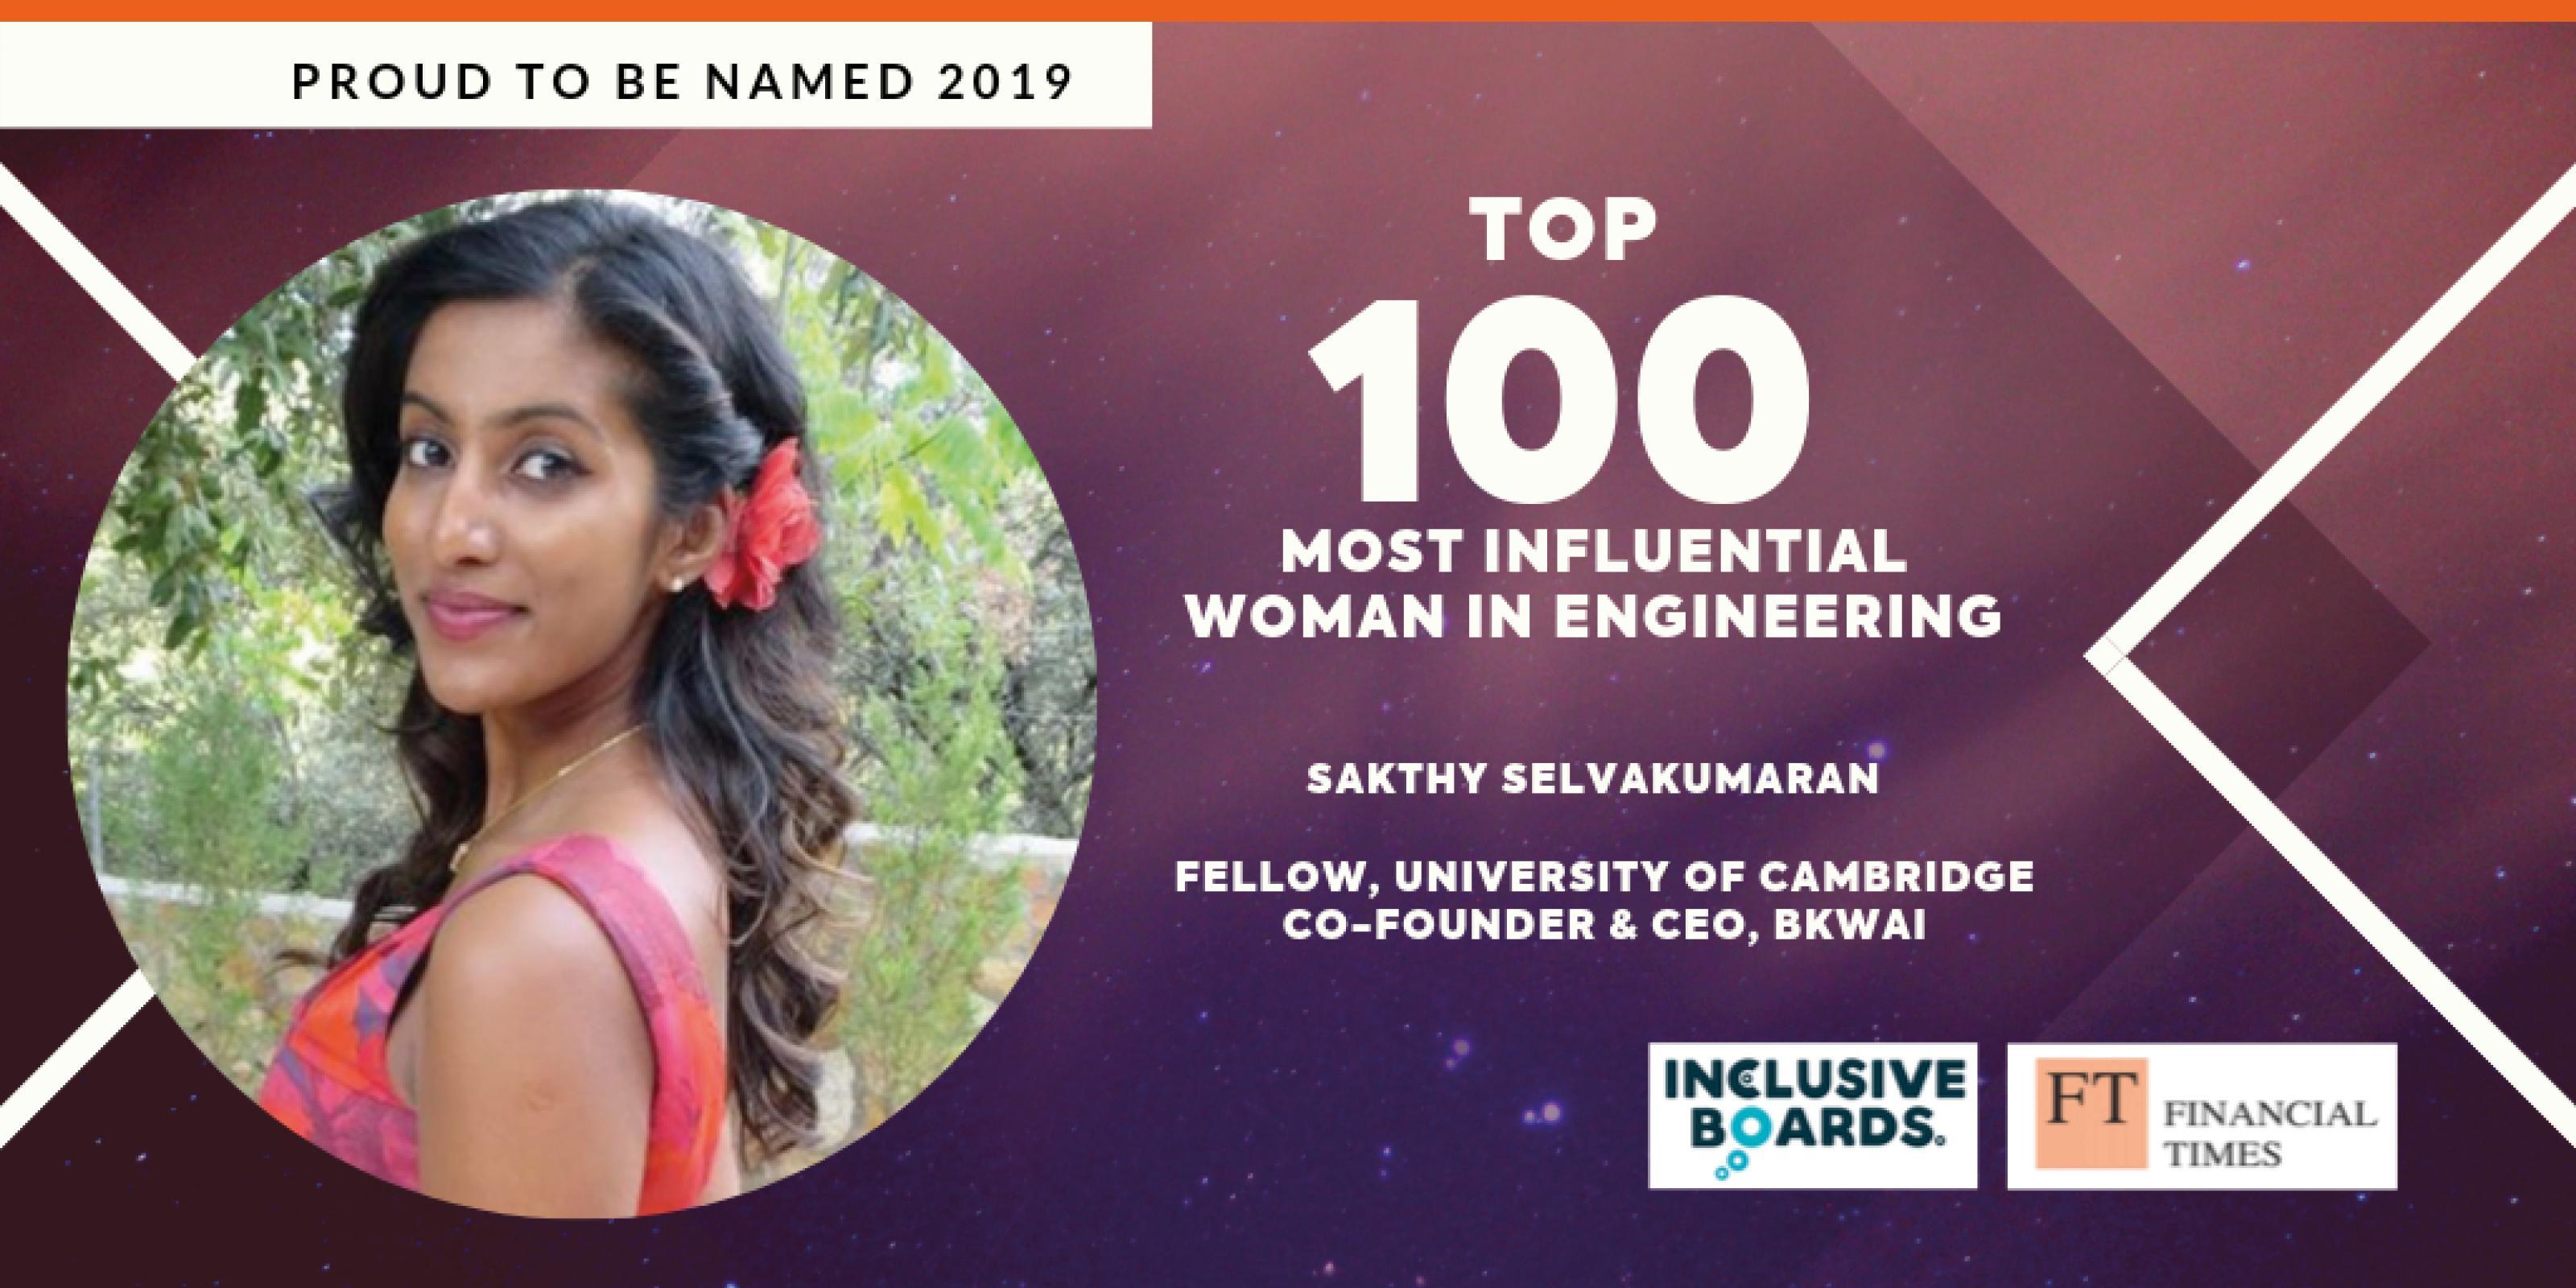 Sakthy top 100 influential women